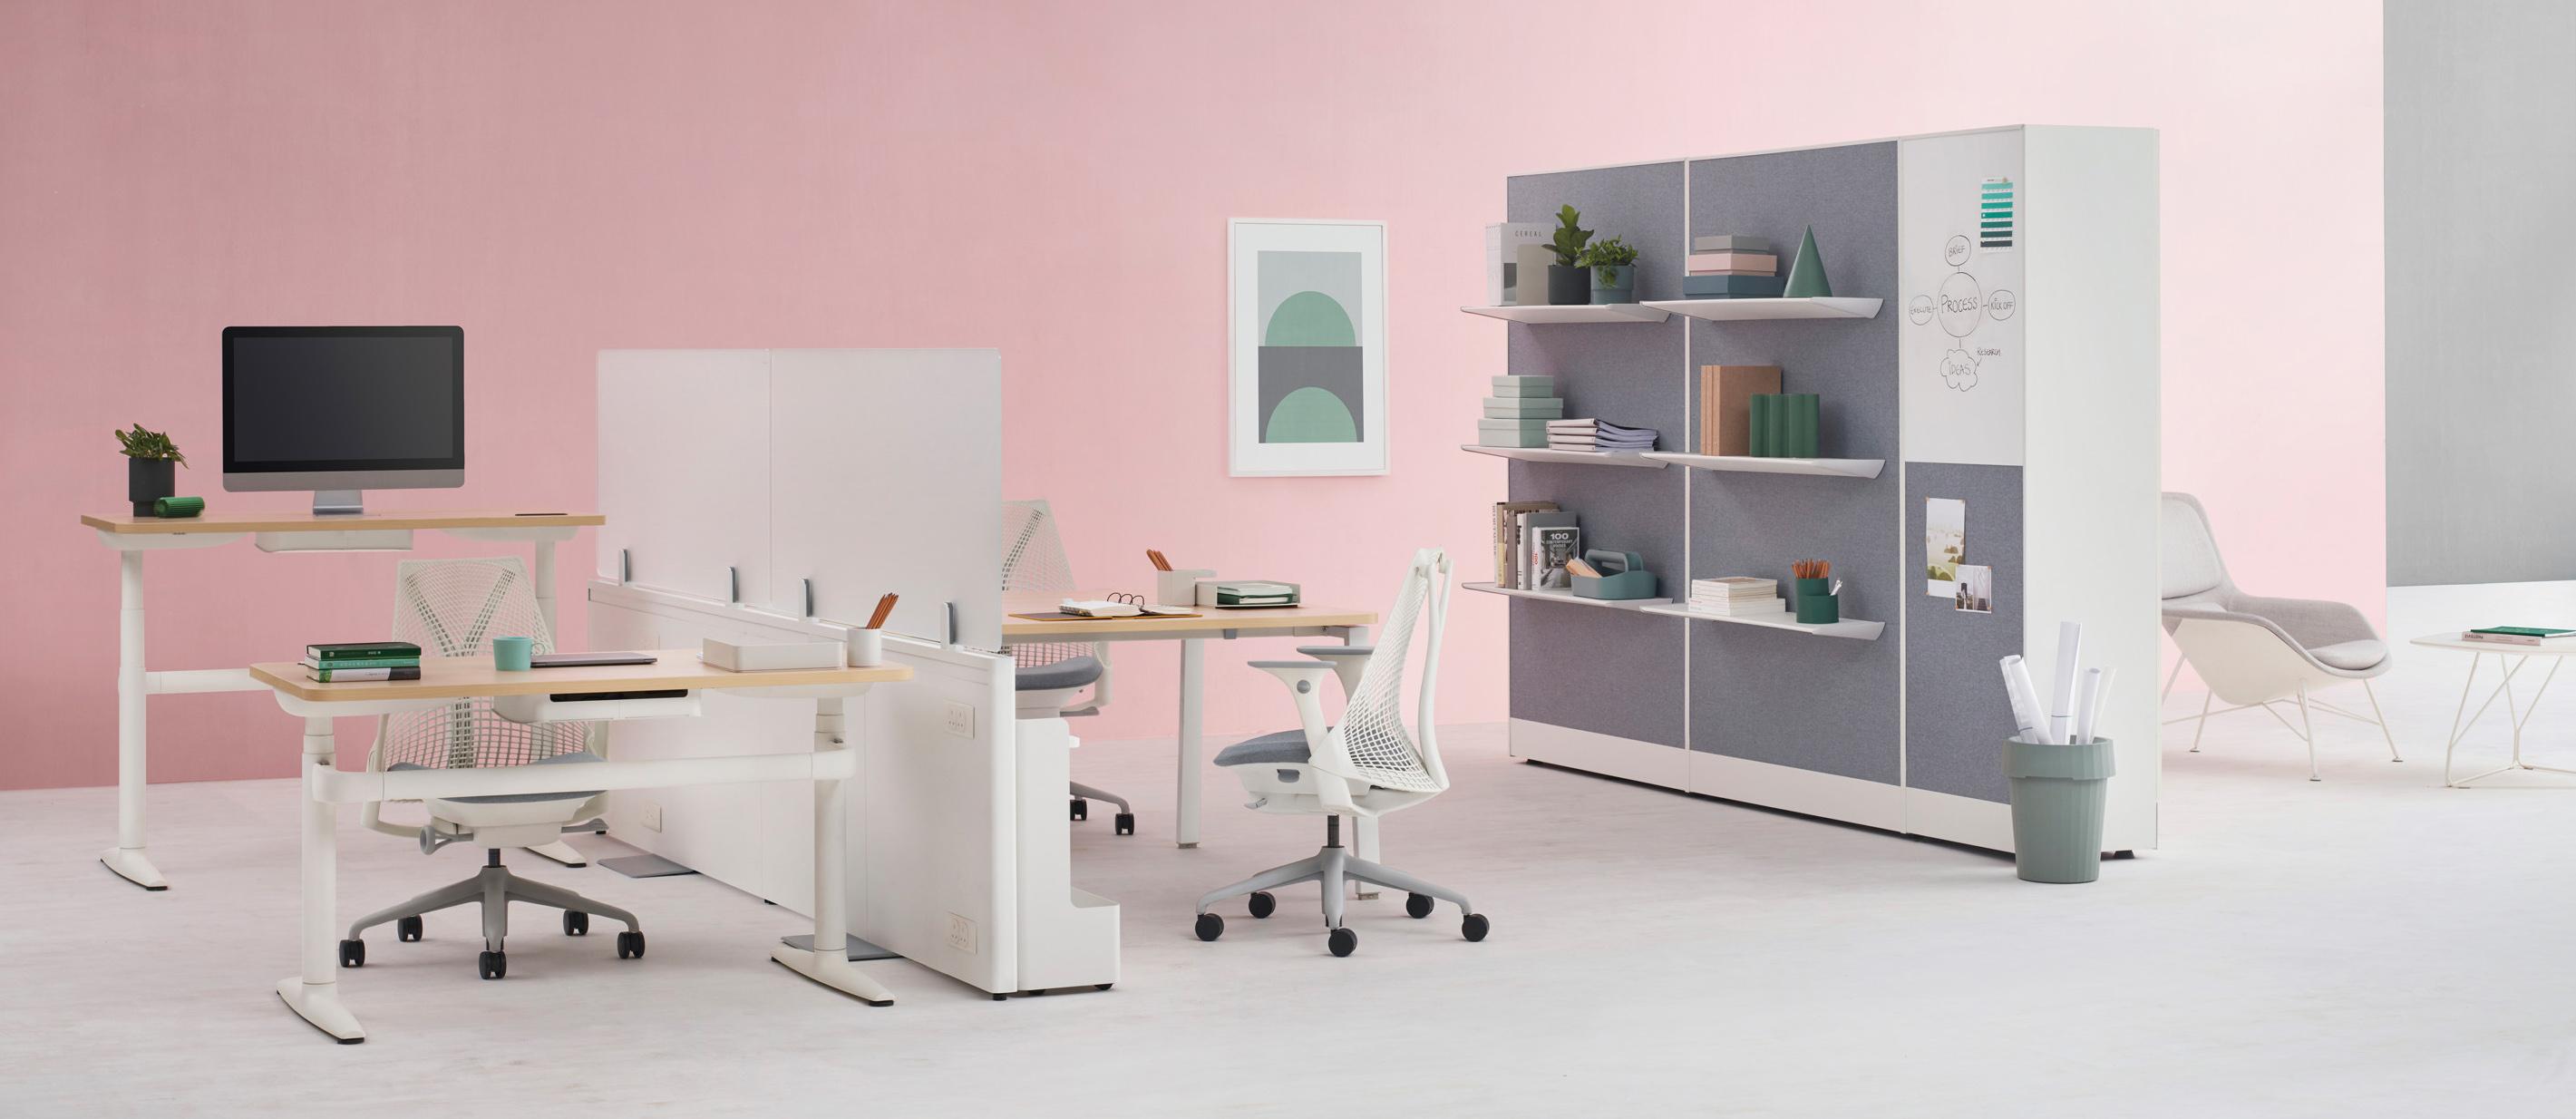 セイルチェアのオフィスデザイン